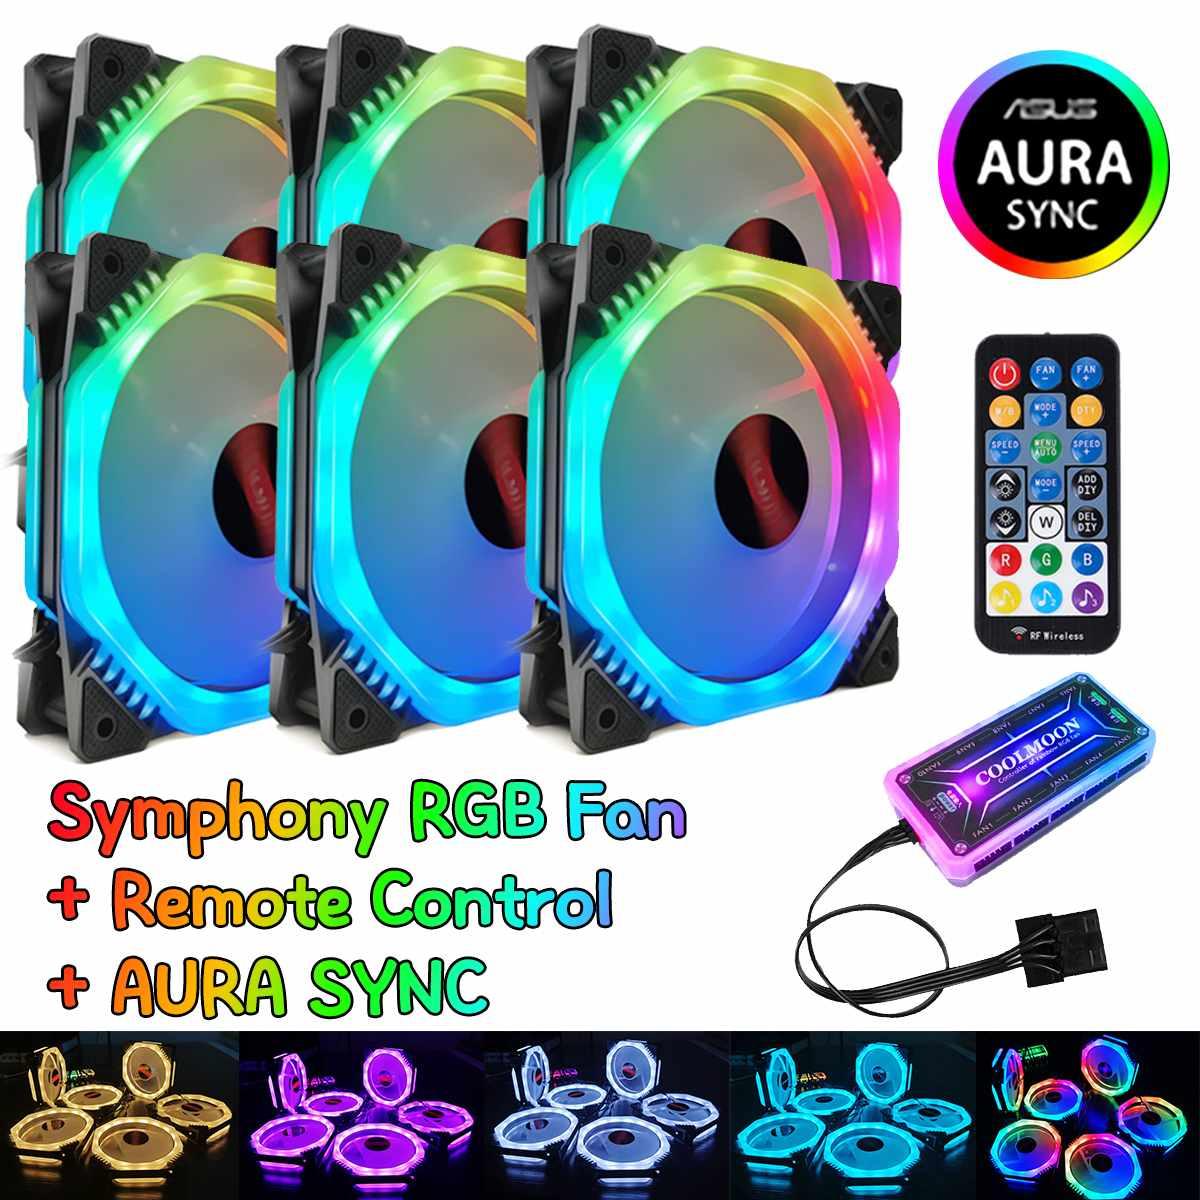 Ordinateur boîte de jeu PC ajuster RGB ventilateur de refroidissement LED 120mm calme symphonie AURA SYNC musique contrôle refroidisseur refroidissement RGB boîtier ventilateur CPU